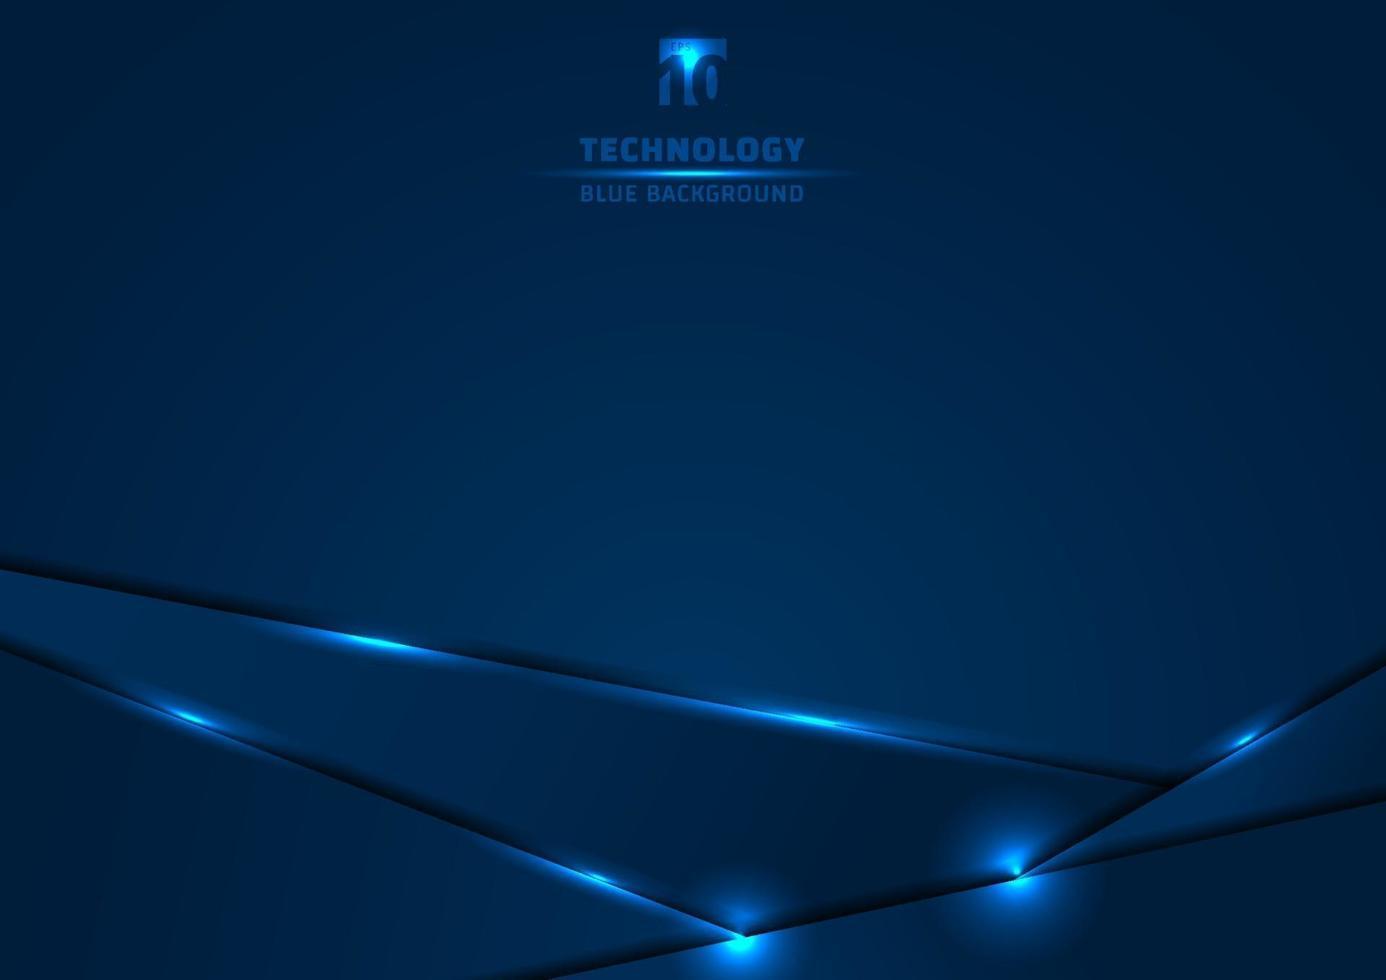 mall metallisk blå och glans belysning ram layout design teknik innovation koncept med utrymme din text. vektor